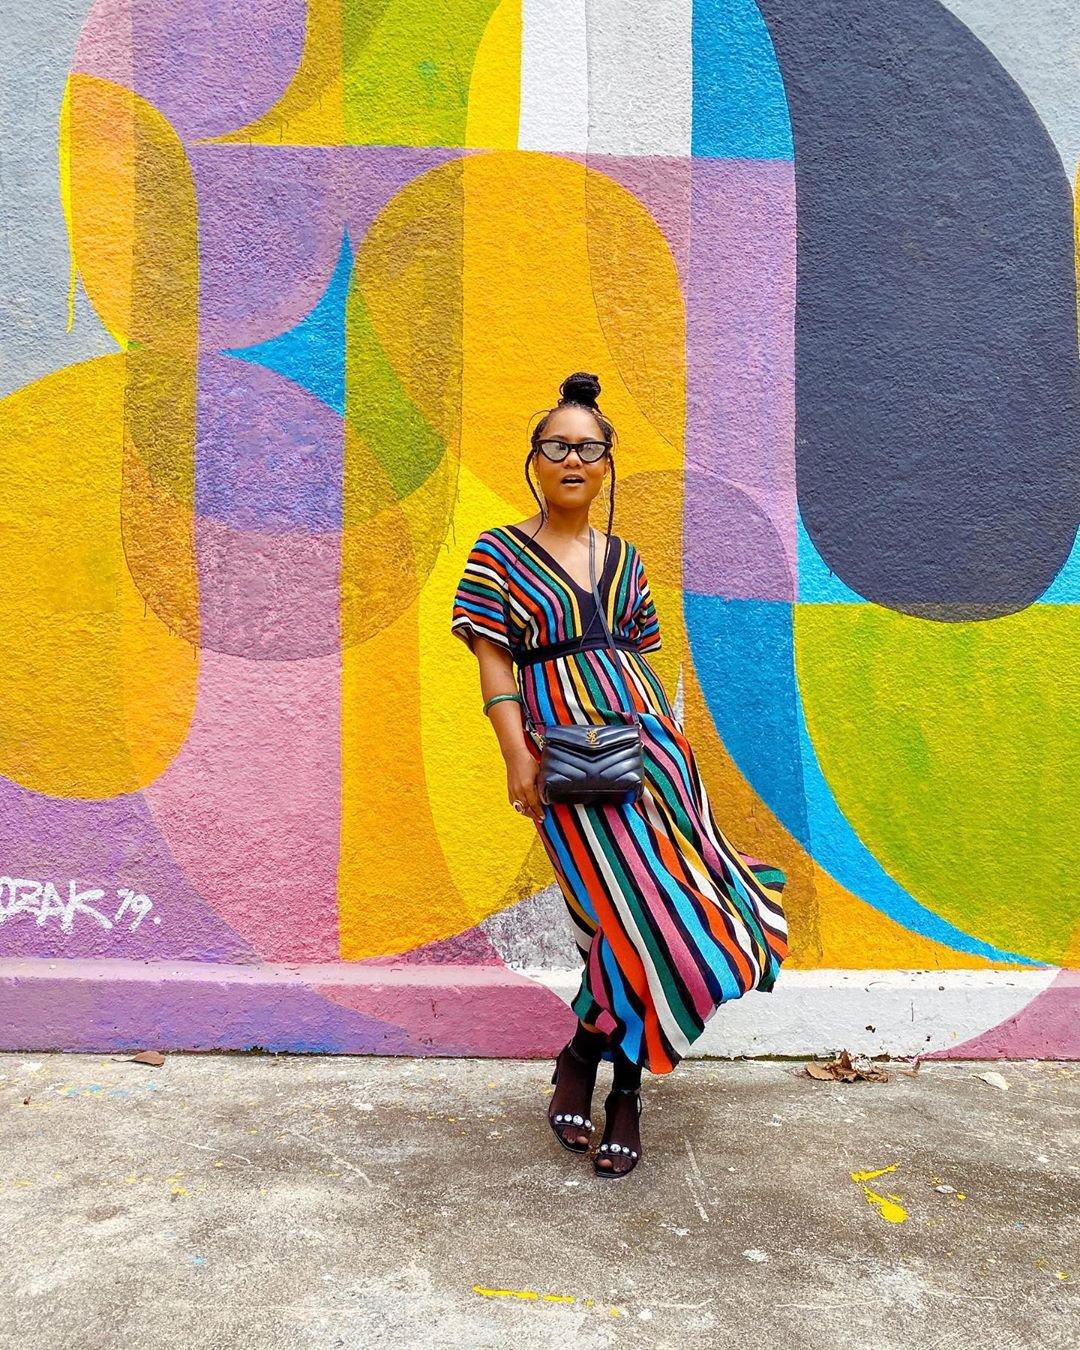 It girls - Vestido - Carnaval - Verão - Street Style